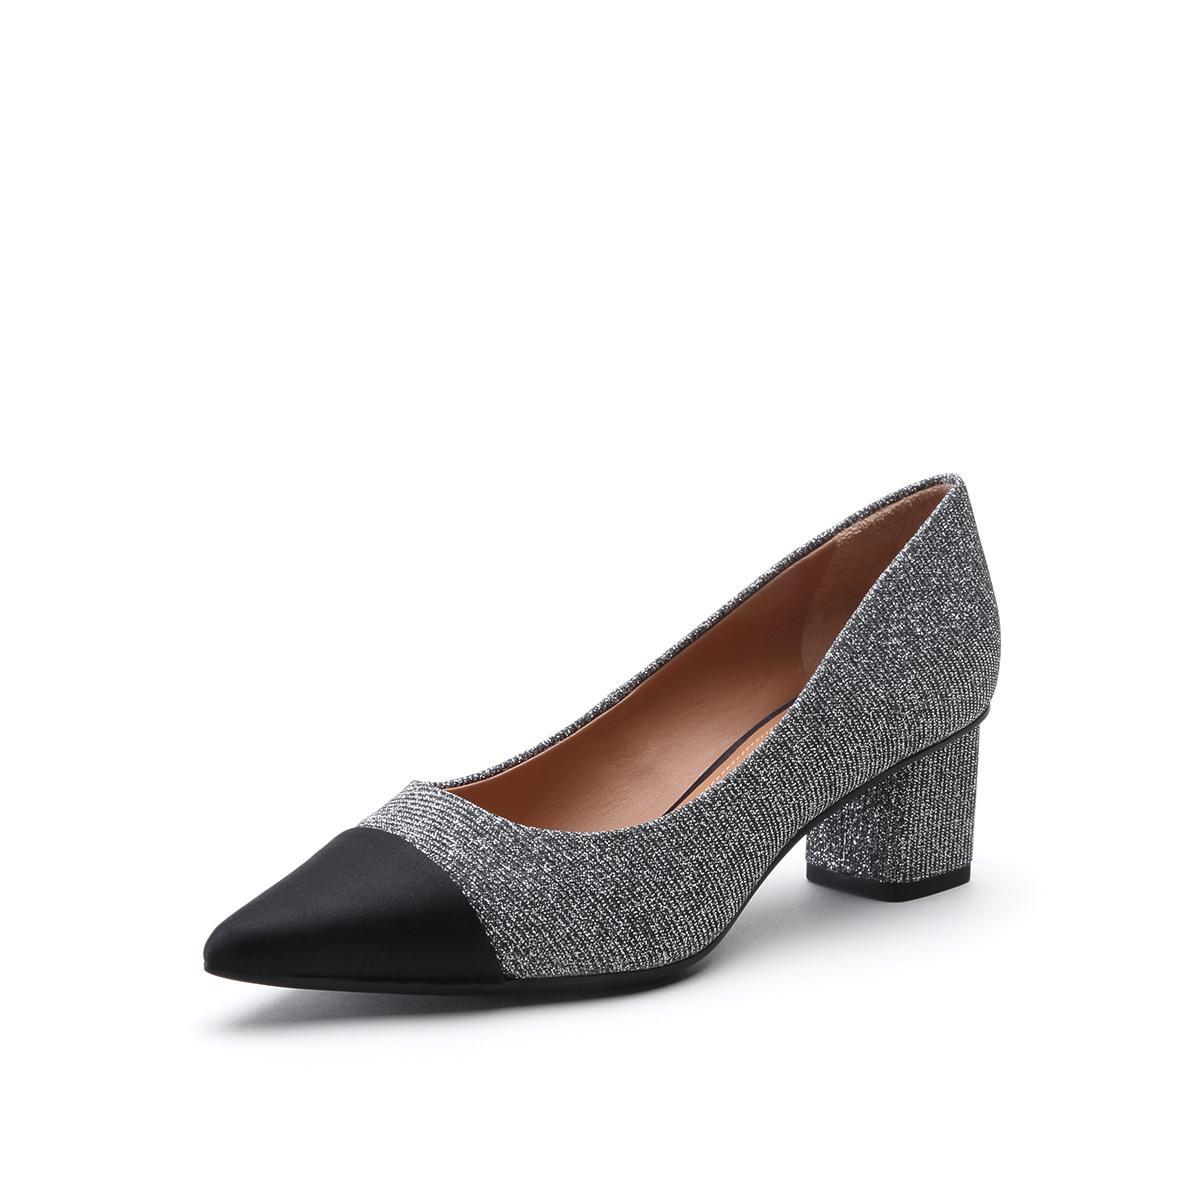 思加图思加图专柜同款羊皮布拼接时尚通勤尖头粗跟女浅口单鞋SZP9YD78DB1CQ8